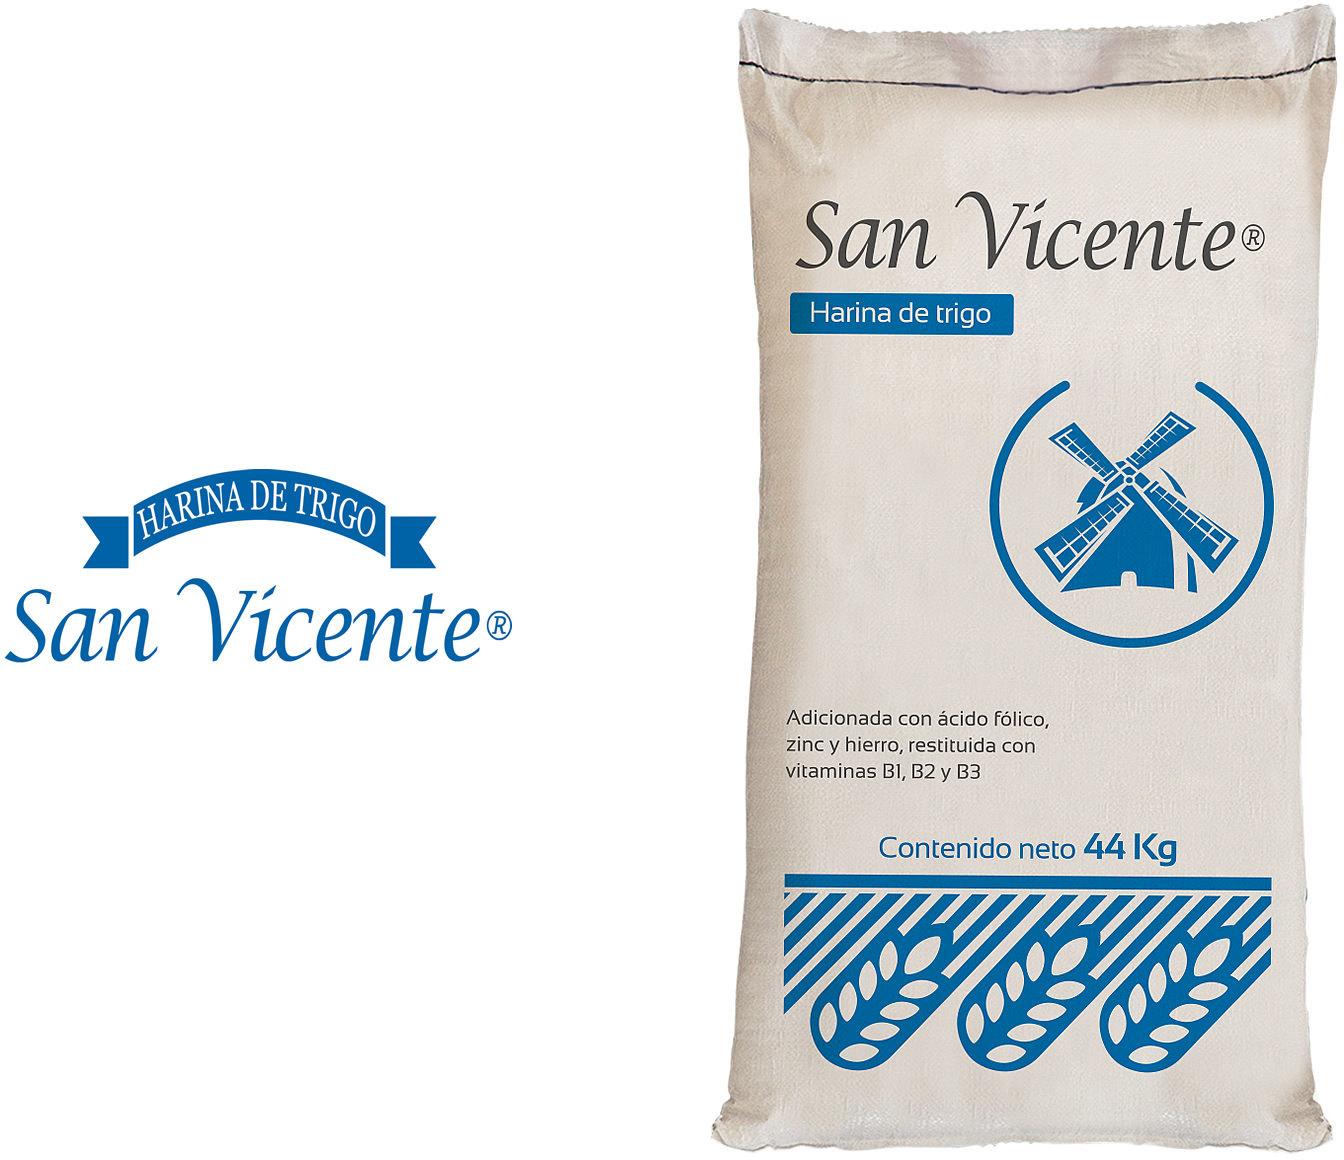 San Vicente es ideal para panificación tradicional y artesanal.